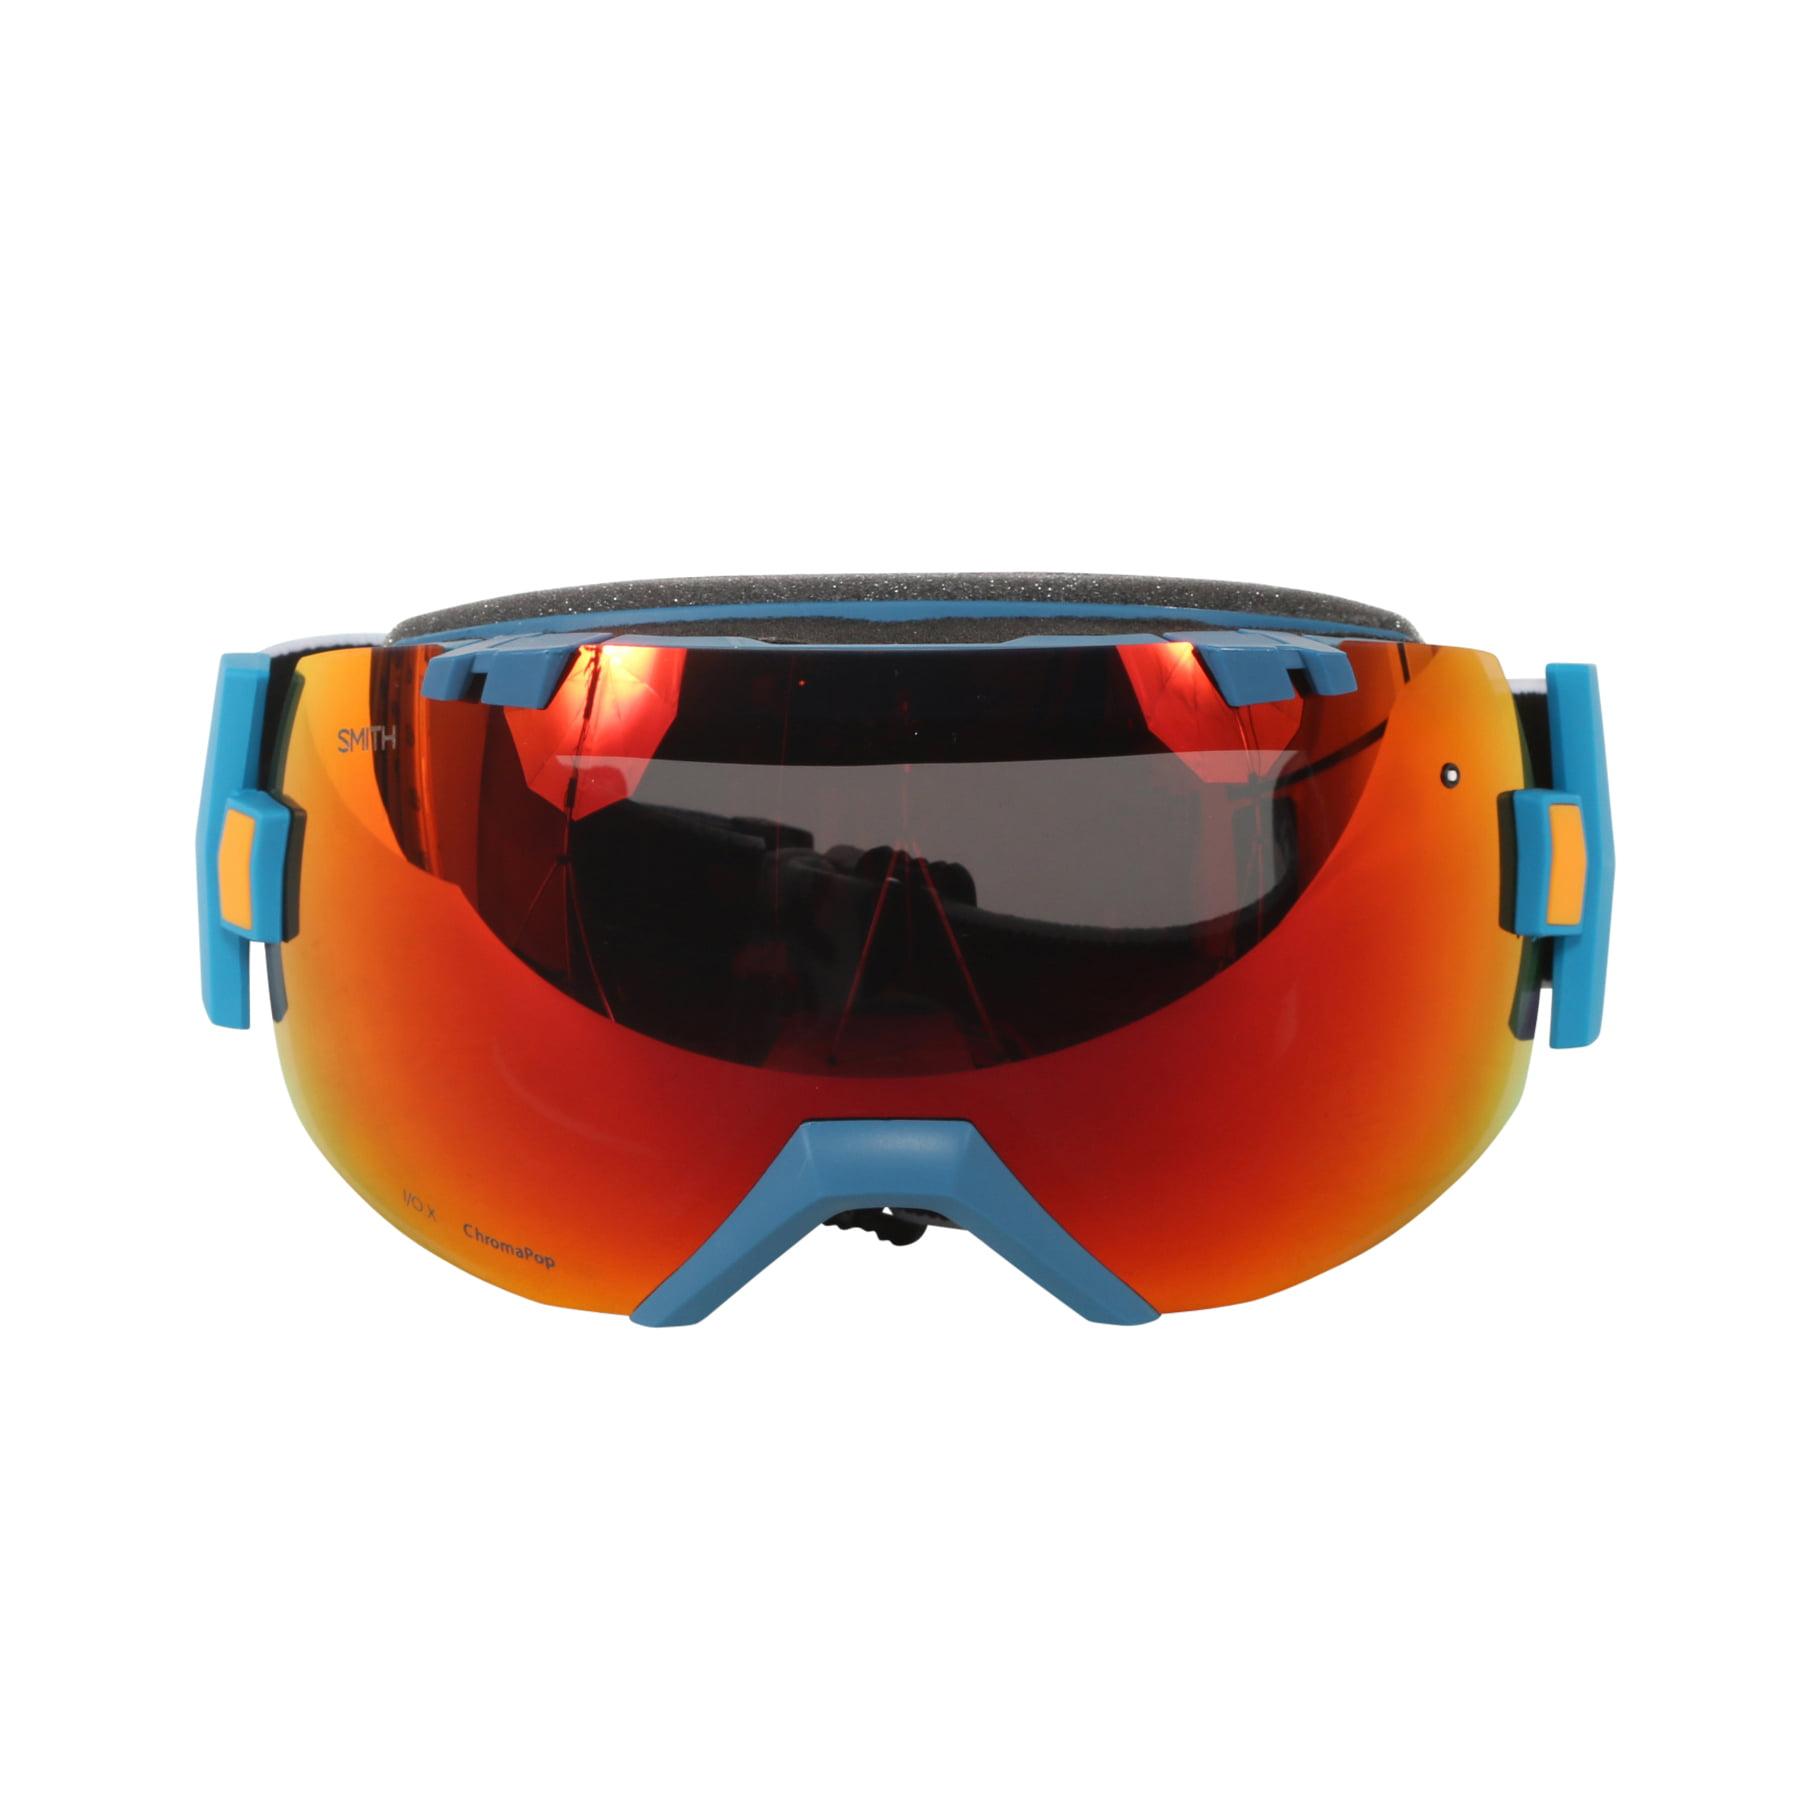 a8aabcae32 Smith optics kindred chromapop sun i ox snow goggles jpeg 450x450 Smith  chromapop sun red